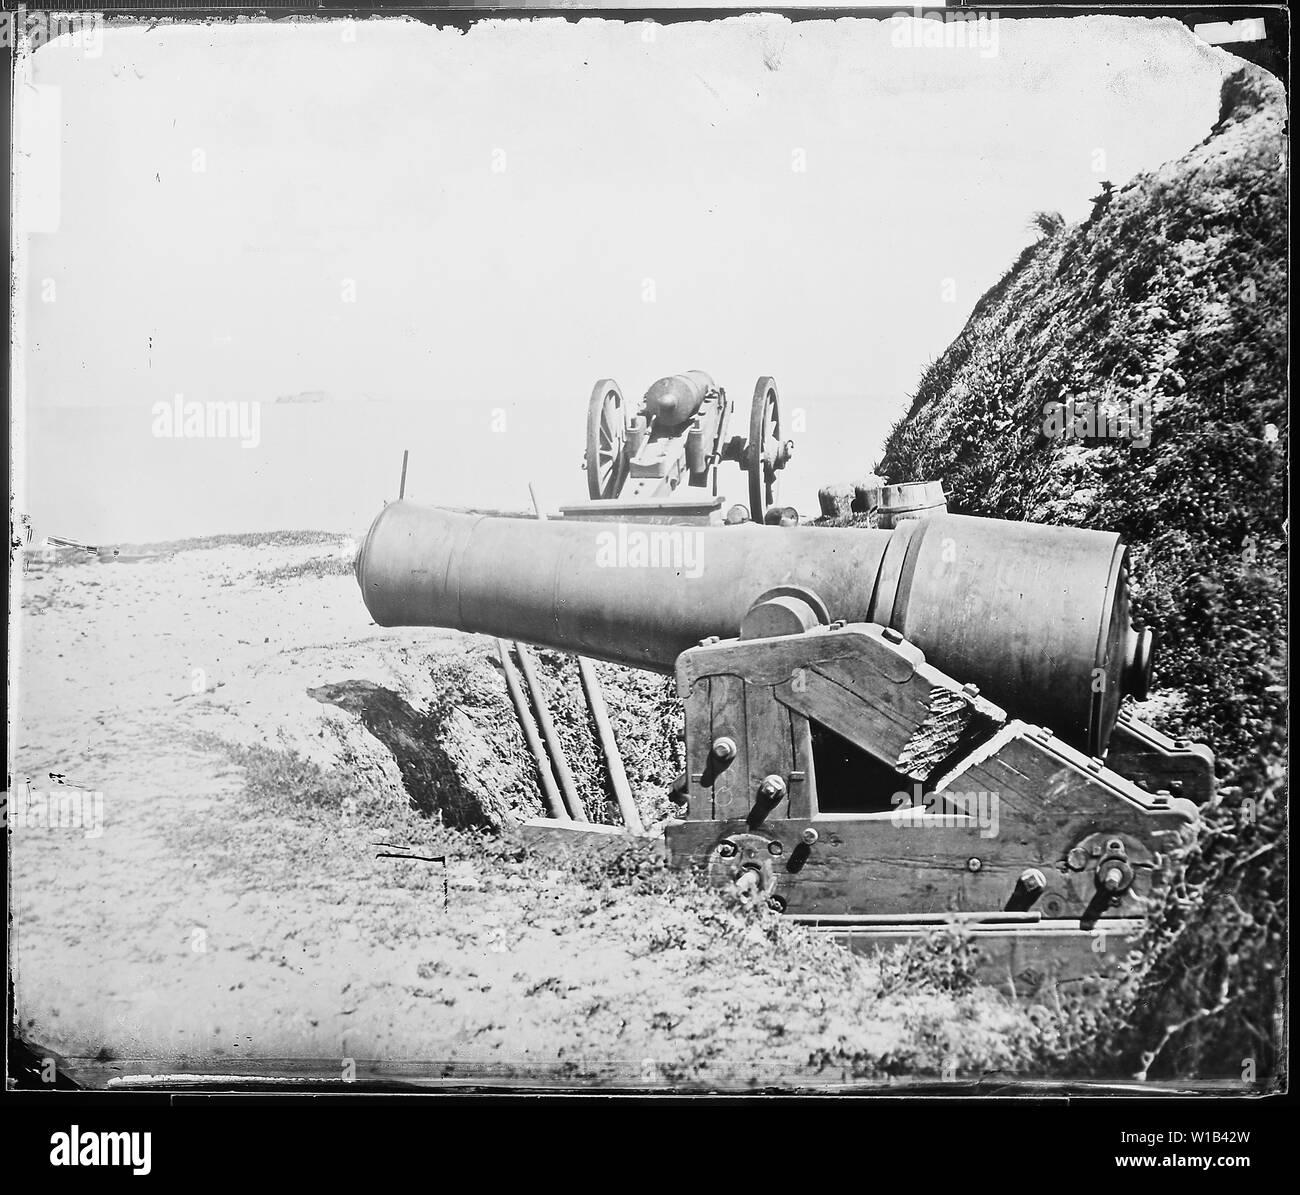 Große Pistolen in der Nähe von Ft. Sumter, S. C. Die Vordergrund Waffe ist ein 10-Zoll Modell 1844 columbiad, gebändert und geplündert, die vor kurzem von der Union am Fort Johnson in Charleston Harbor erfasst. Der Schlitten hat durch die von den Eidgenossen geschnitten worden mit der Waffe an die Union zu verweigern. Stockfoto